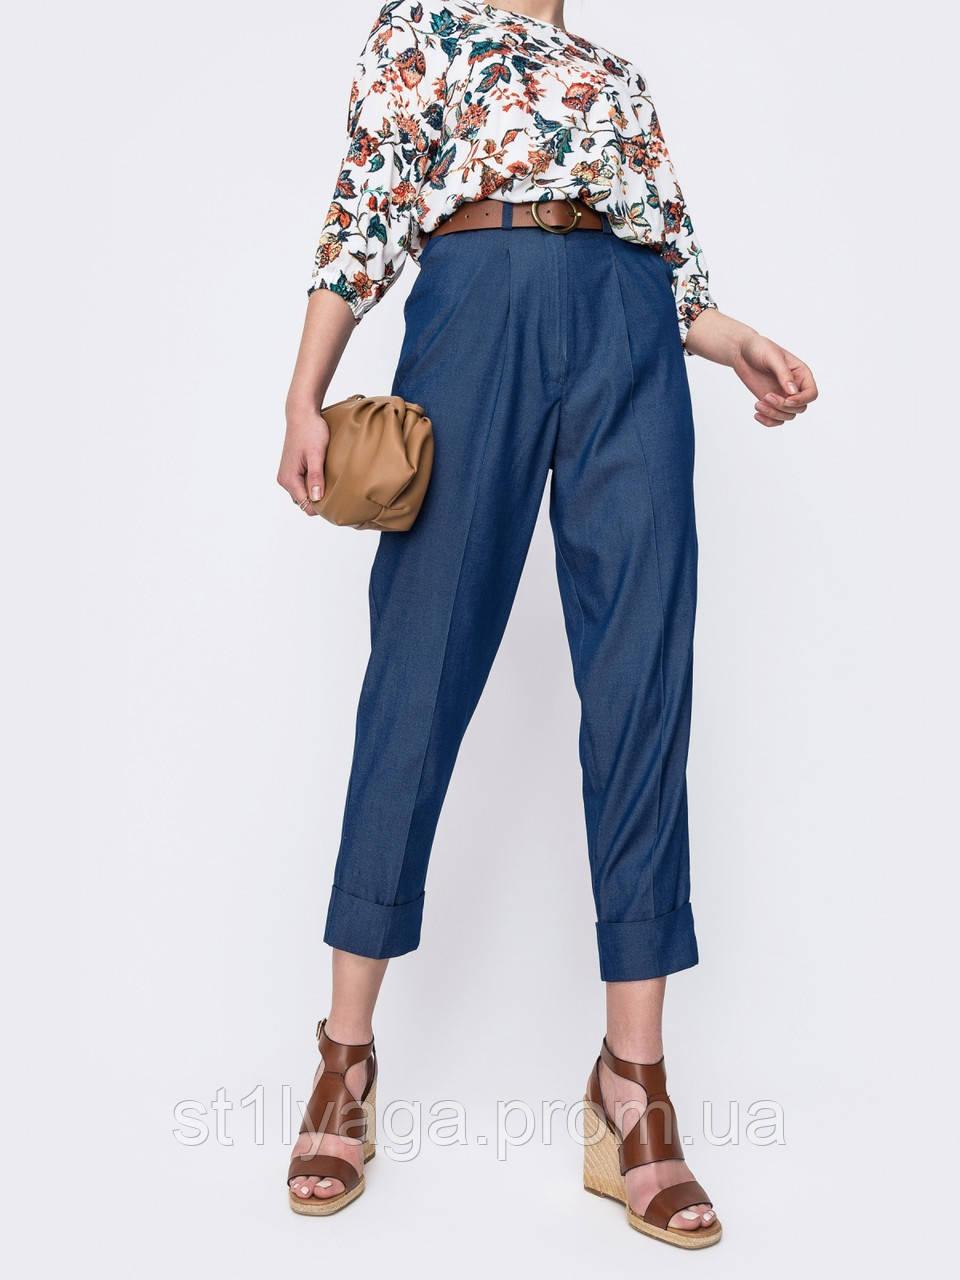 Джинсовые укороченные брюки с высокой талией  в синем цвете